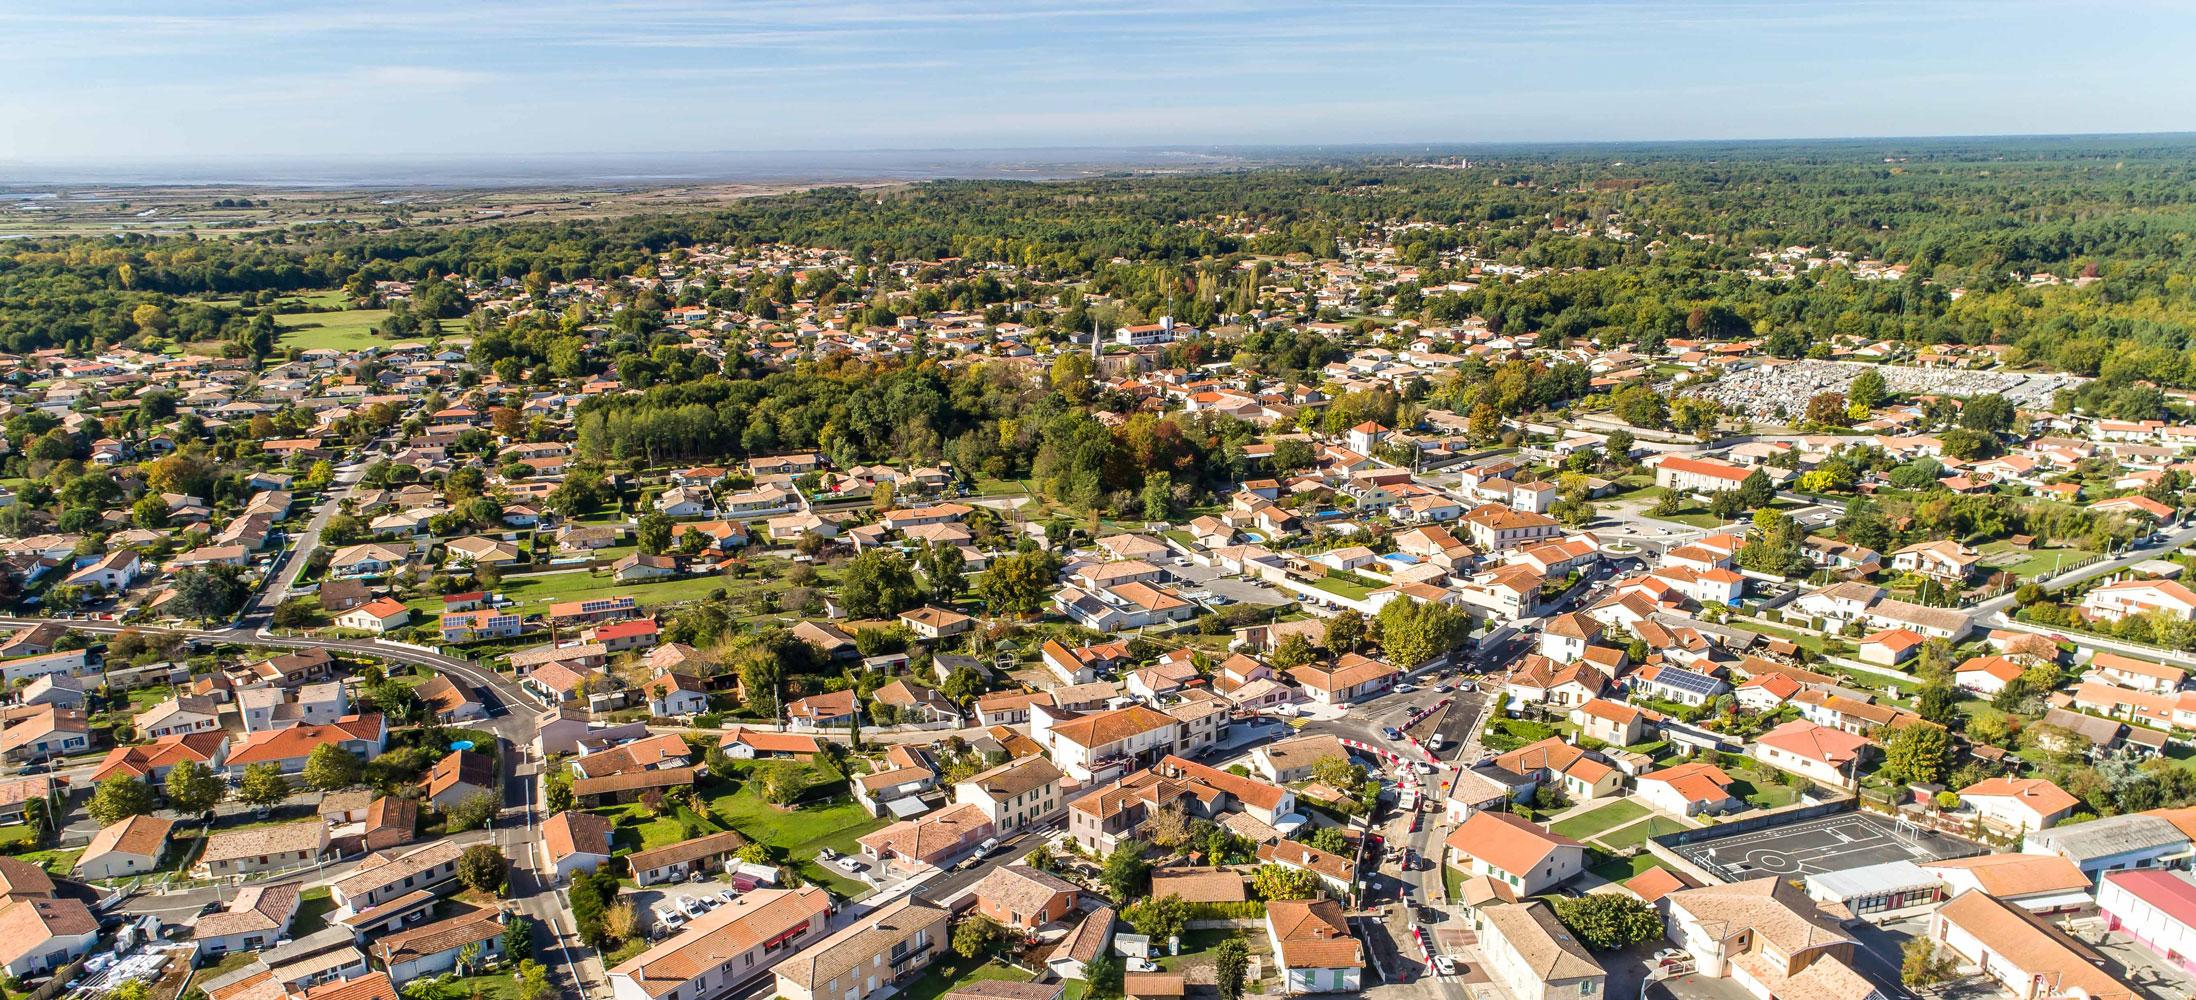 Révision du plan local d'urbanisme de la commune de Biganos